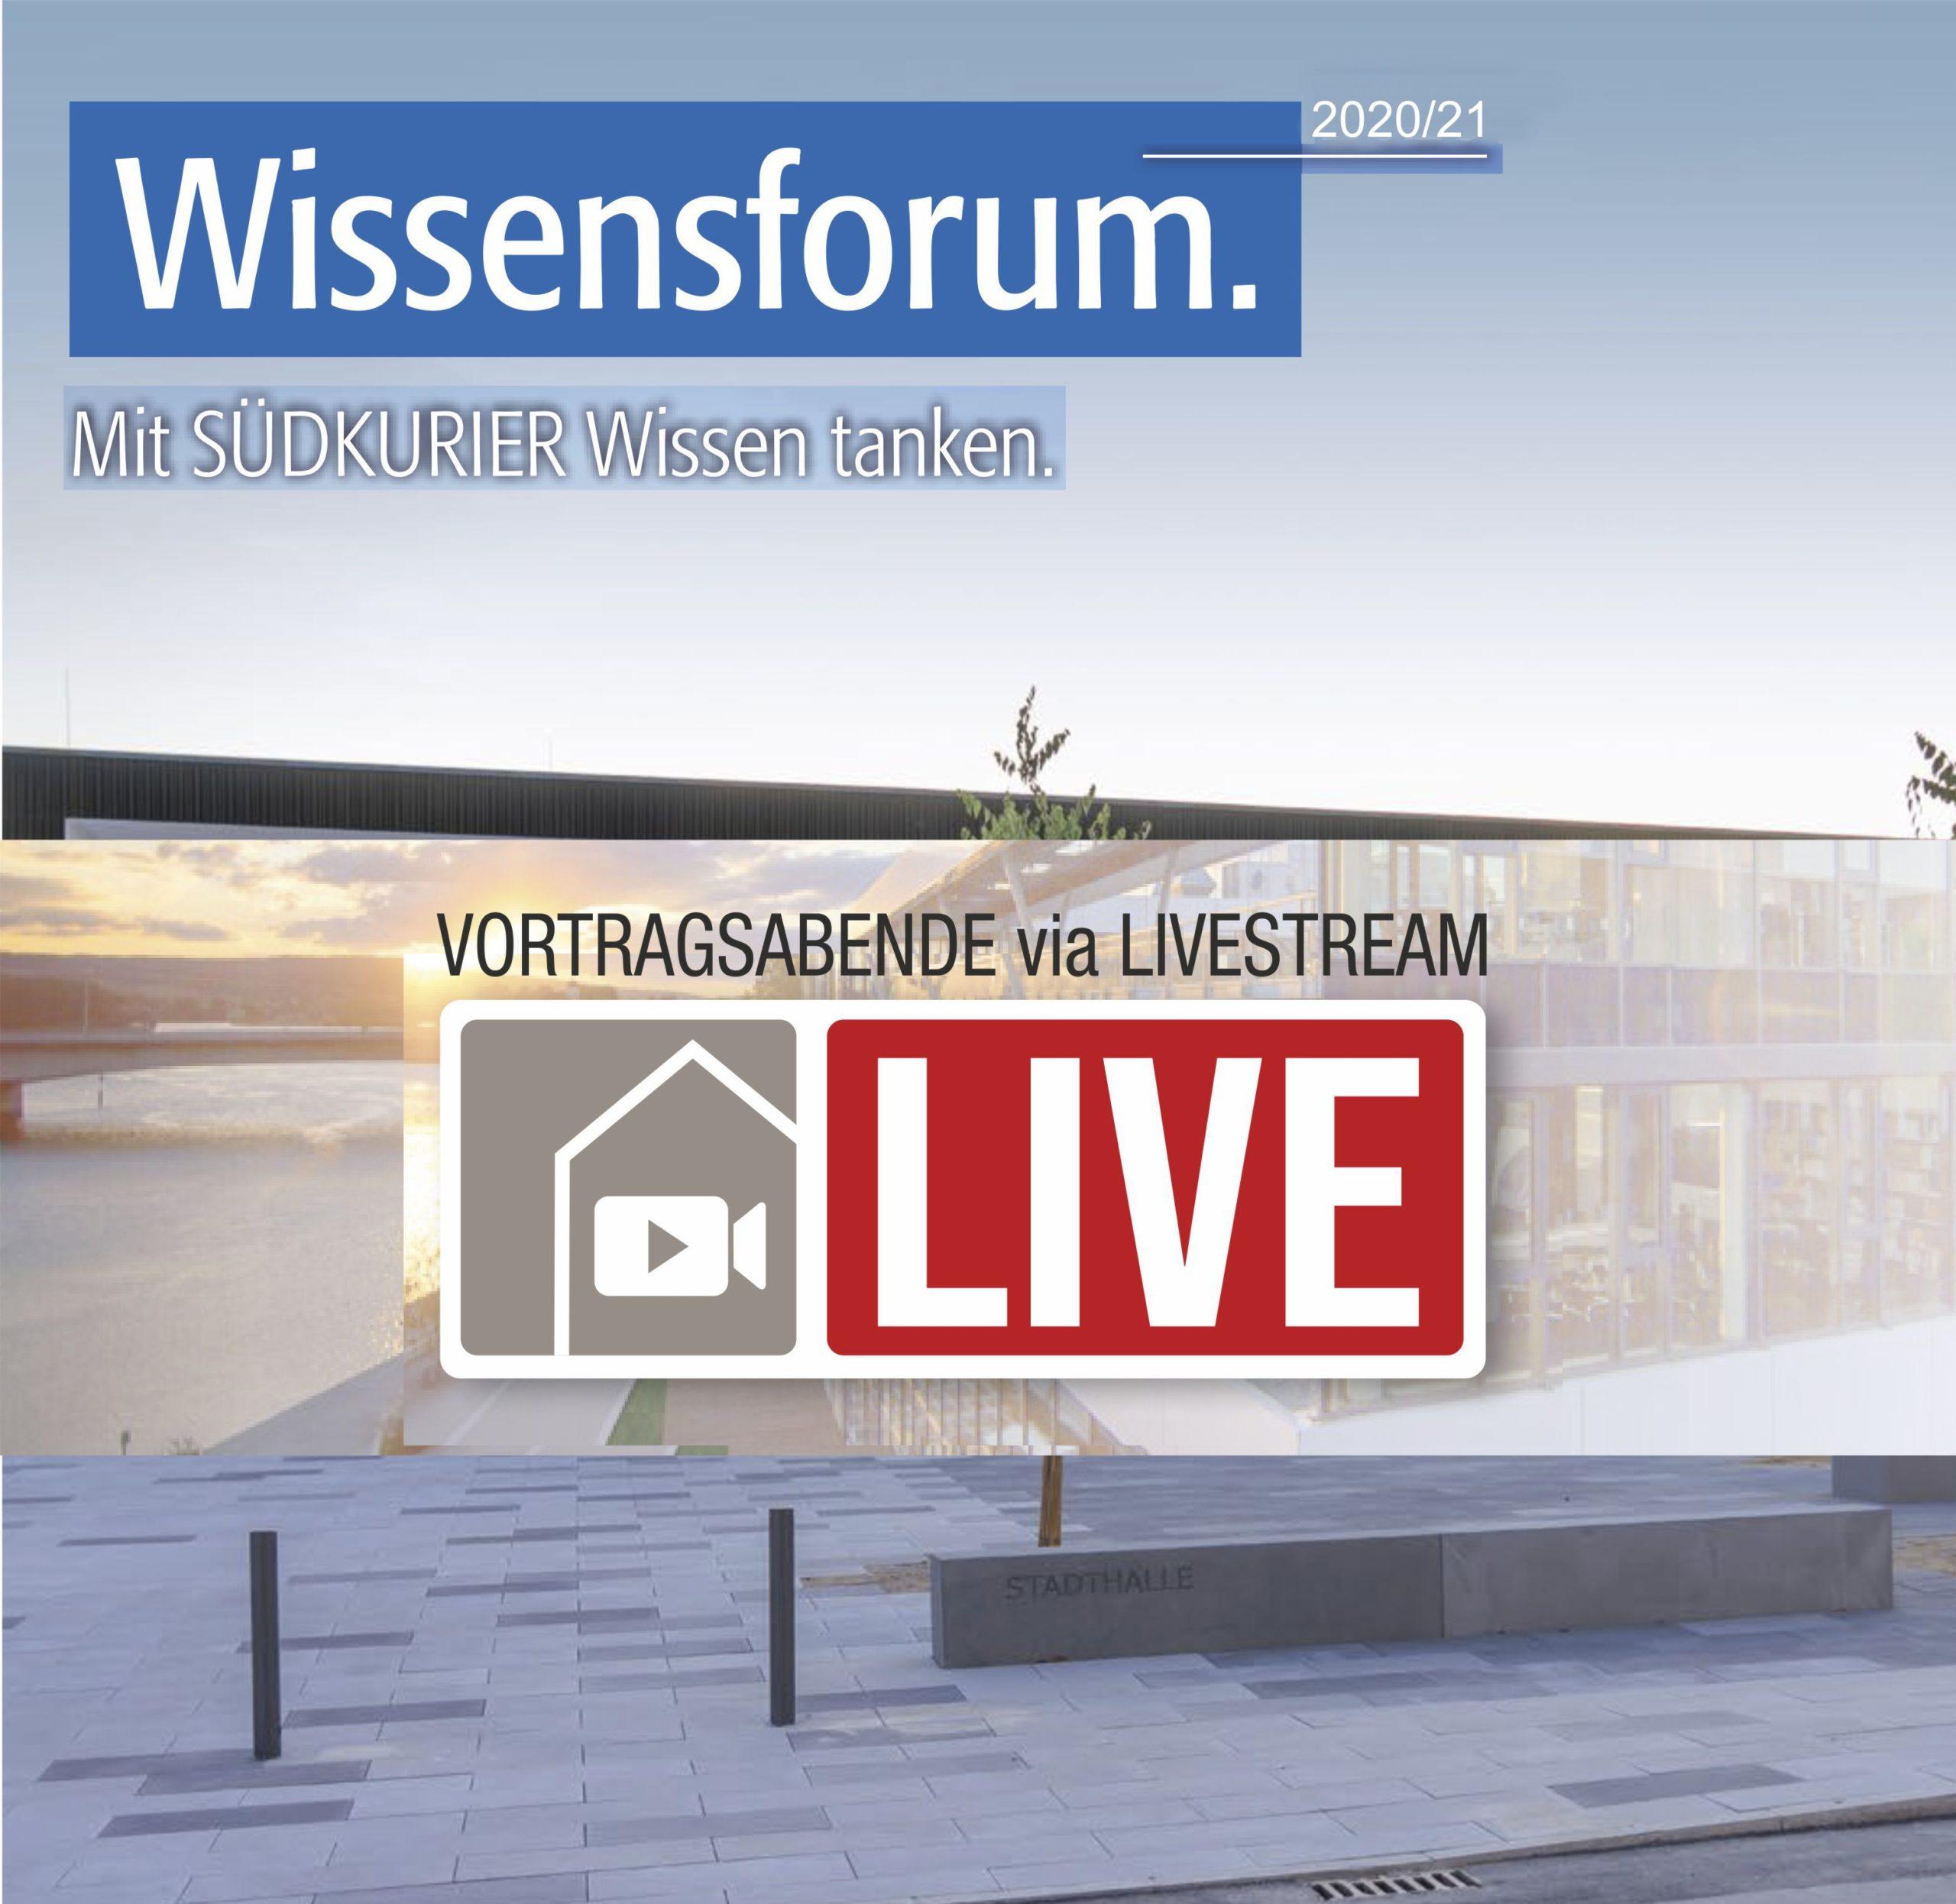 WISSENSFORUM.SÜDKURIER 2020/21 Waldshut